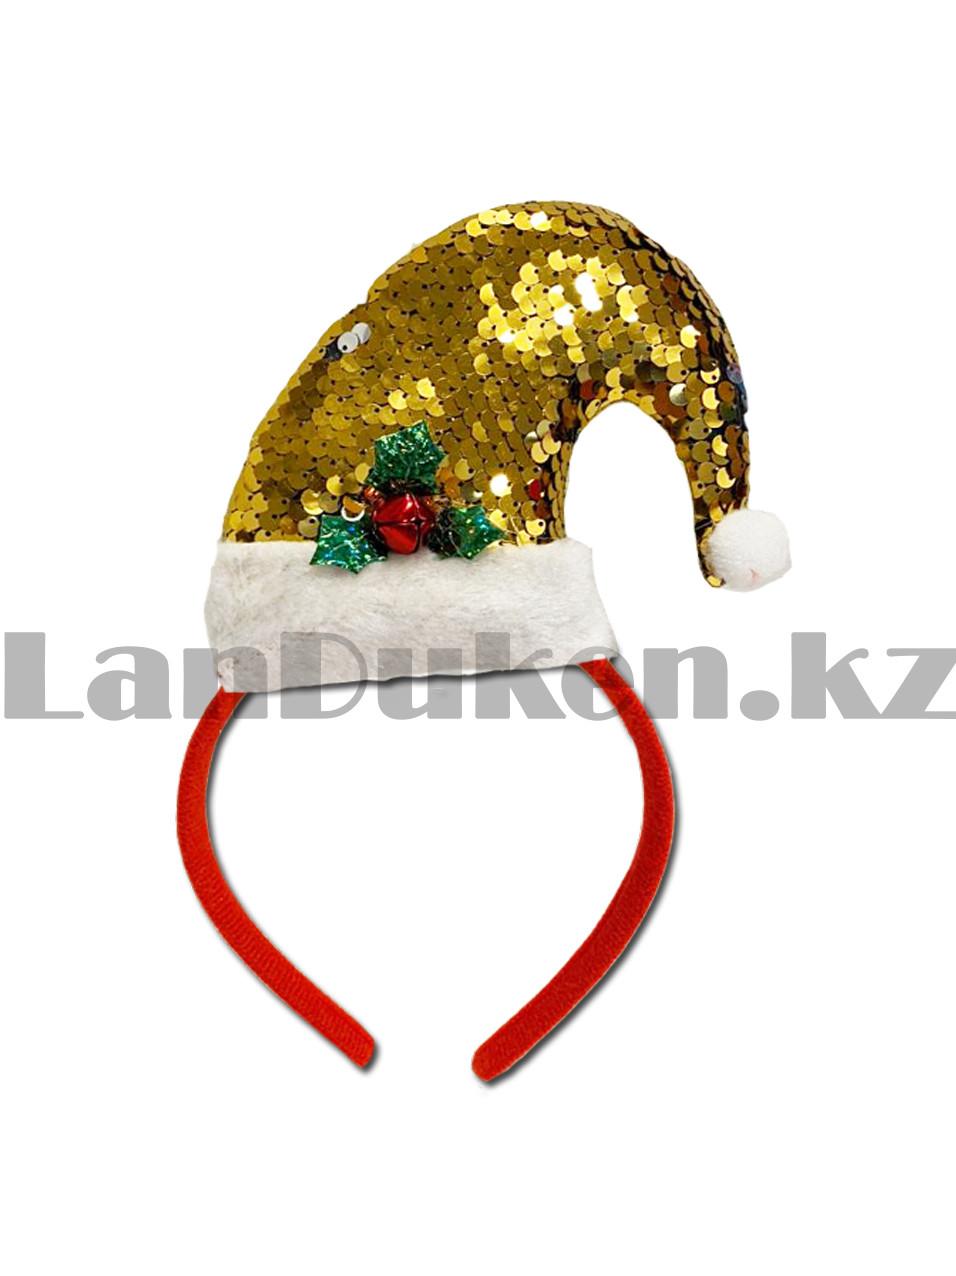 Ободок с колпаком Санта Клауса Деда мороза с пайетками детский праздничный новогодний желтая - фото 2